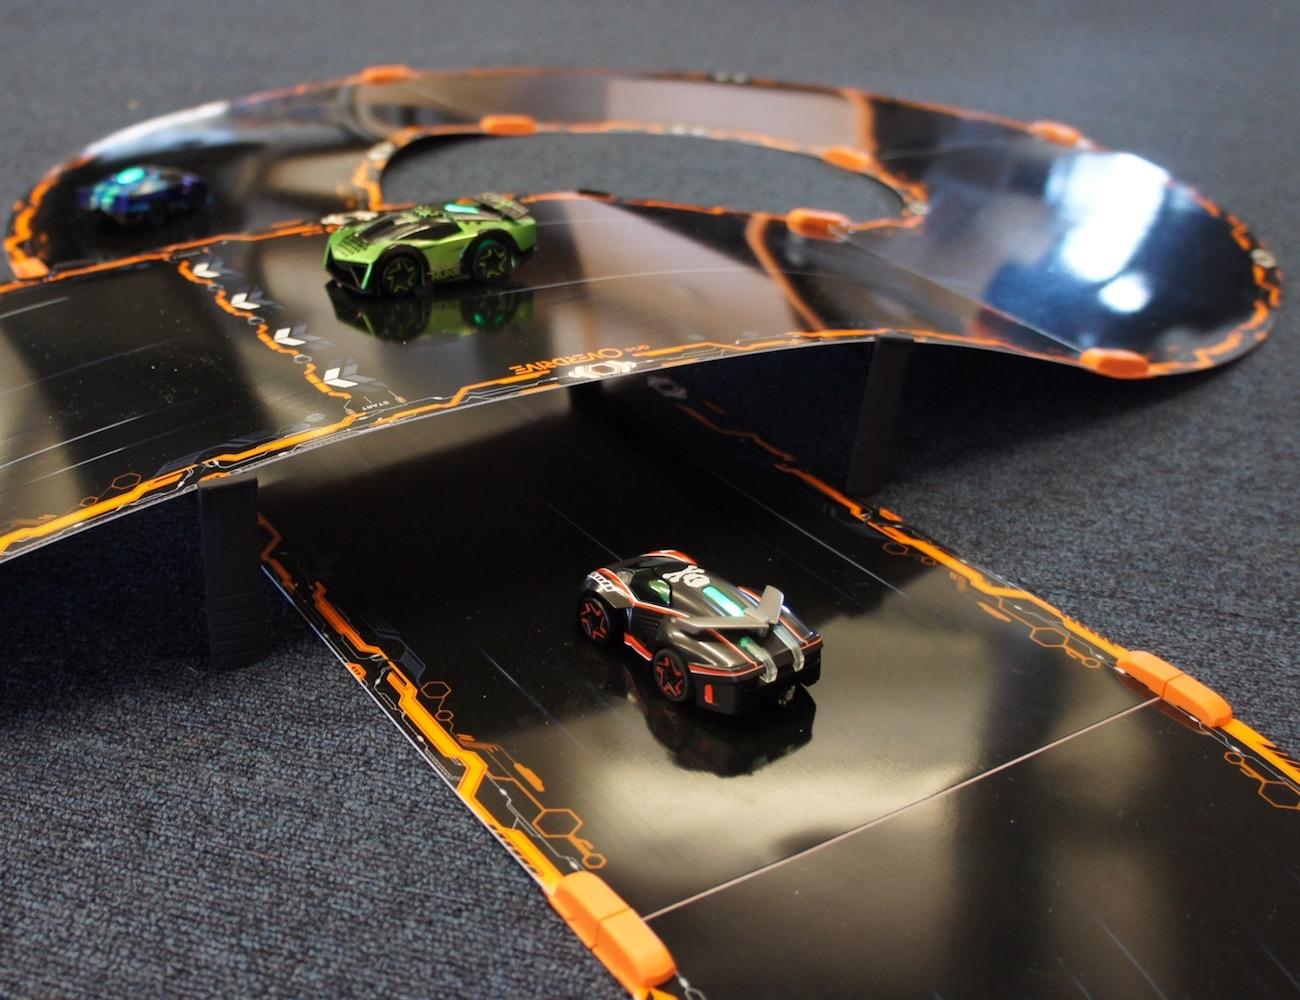 Anki OVERDRIVE Racetrack Starter Kit